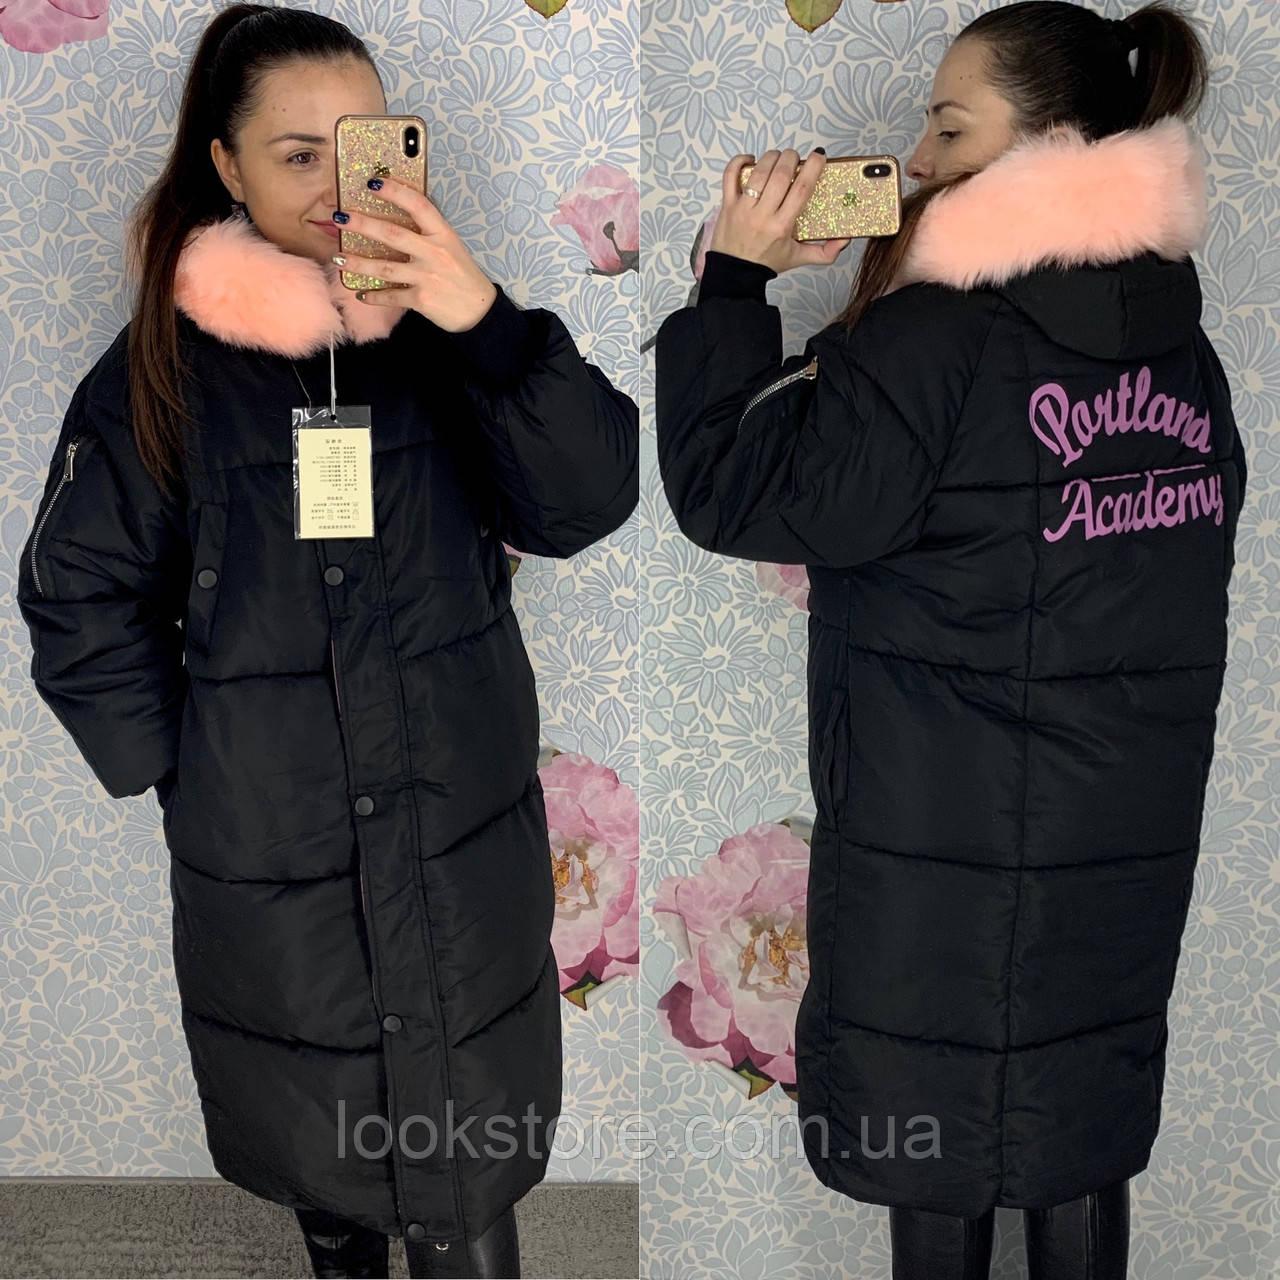 Женская длинная куртка парка оверсайз Portland Academy с капюшоном черная размер XL